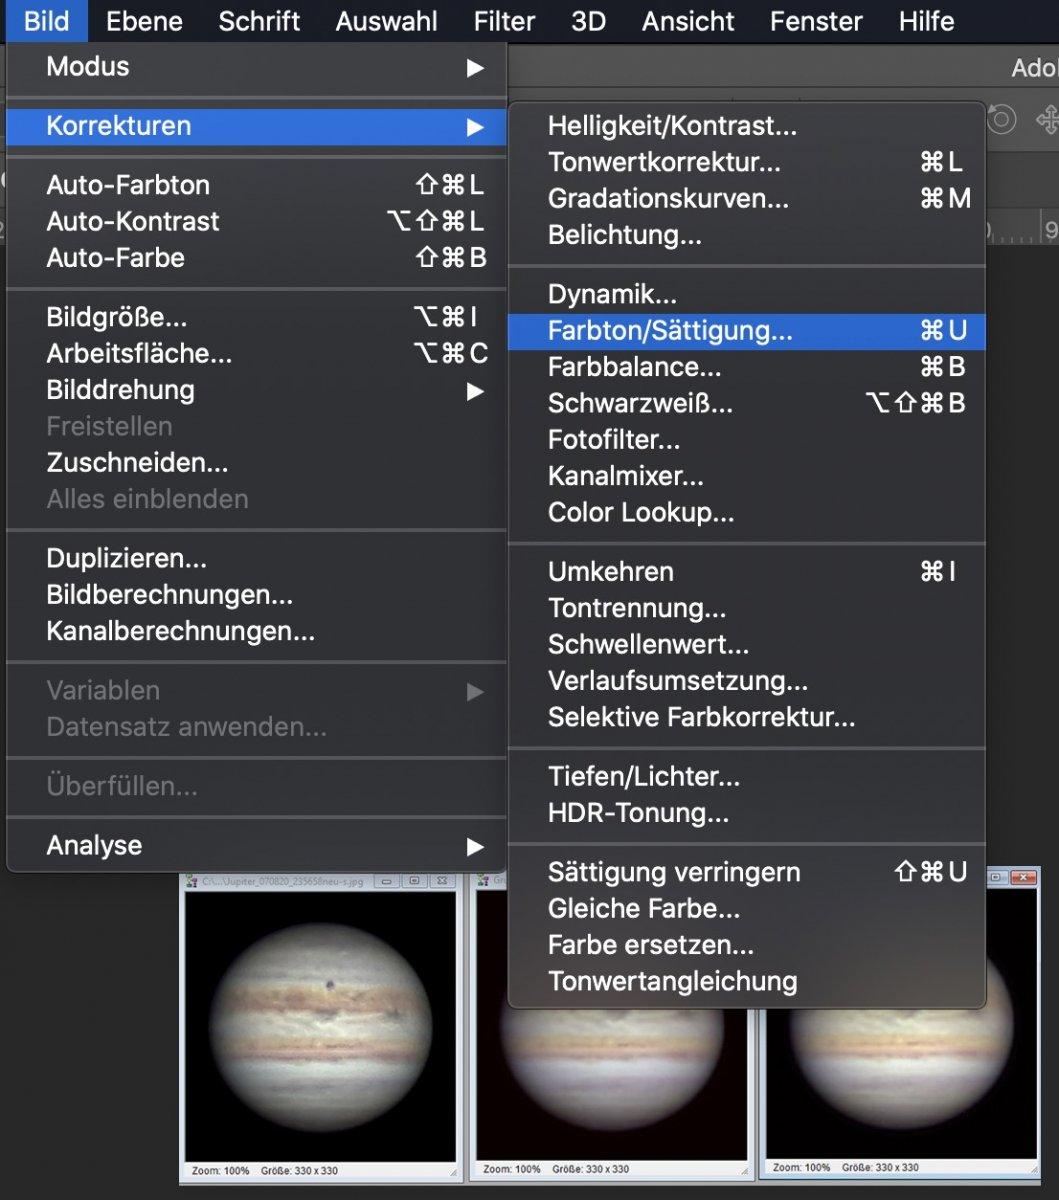 Bildschirmfoto 2020-08-14 um 14.48.56.jpg